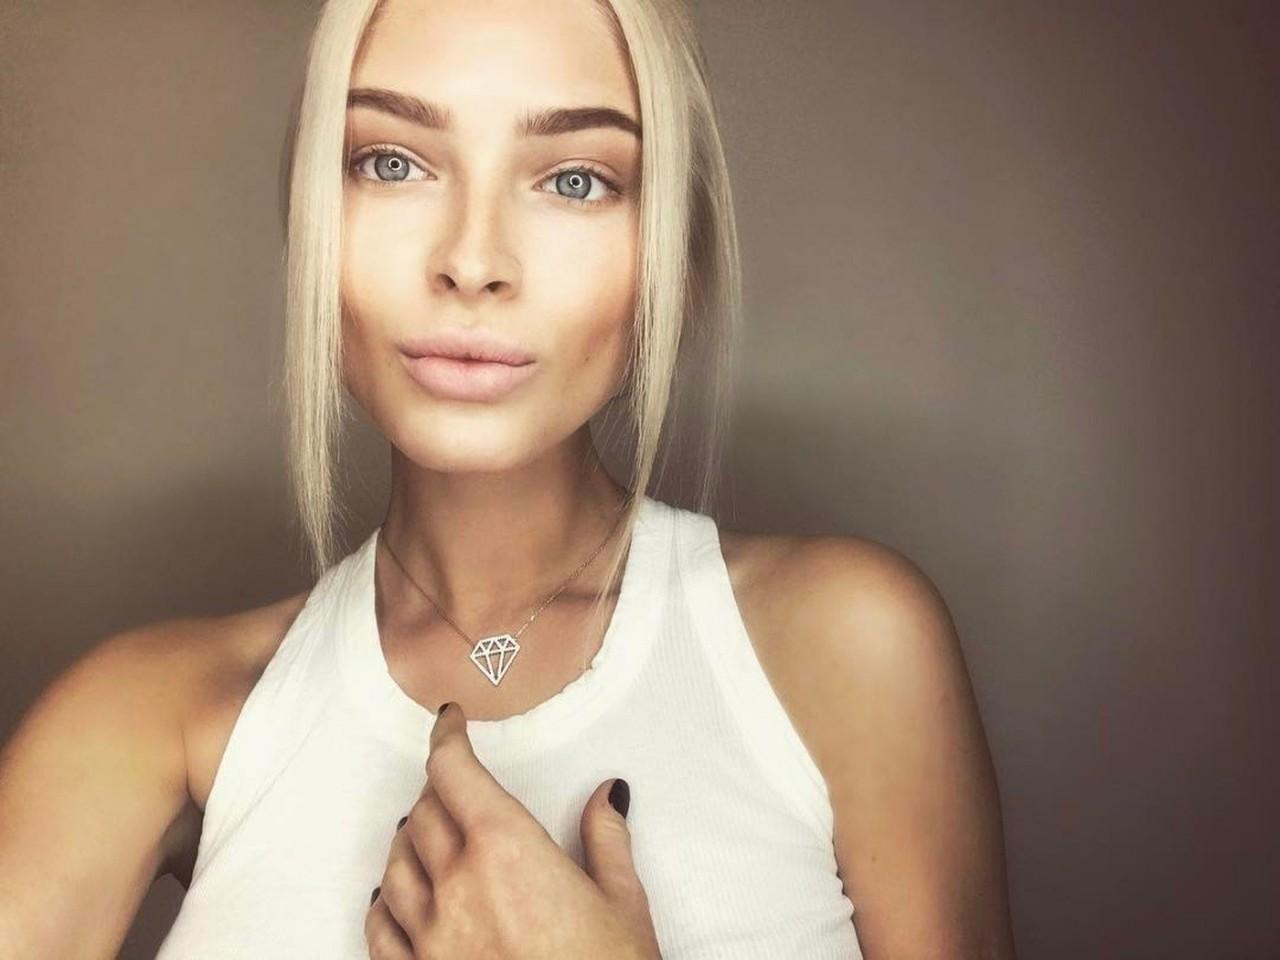 Алена Шишкова неприятно удив…